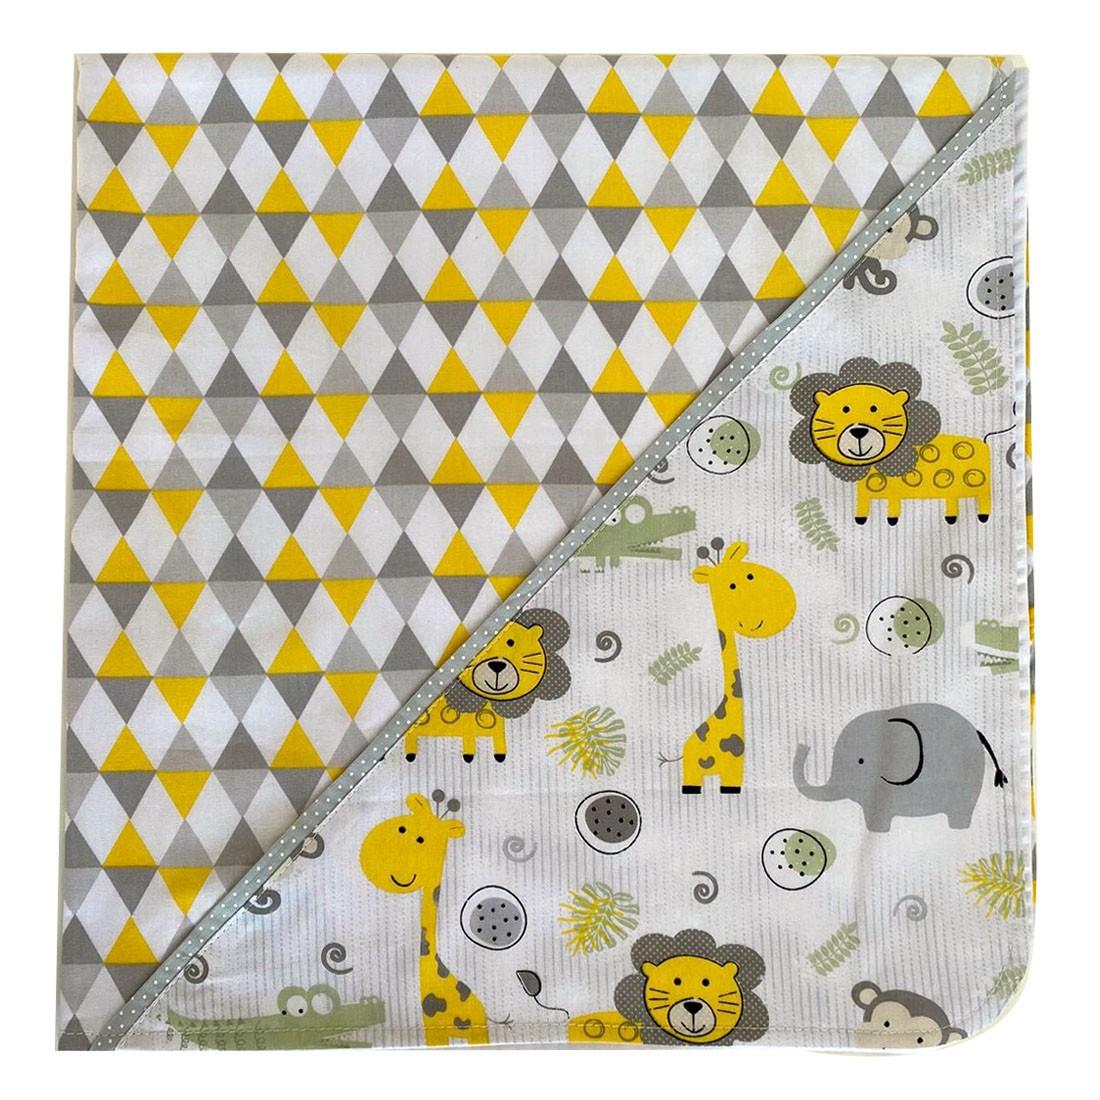 Manta para Bebê em tecido Safari Cinza com Amarelo